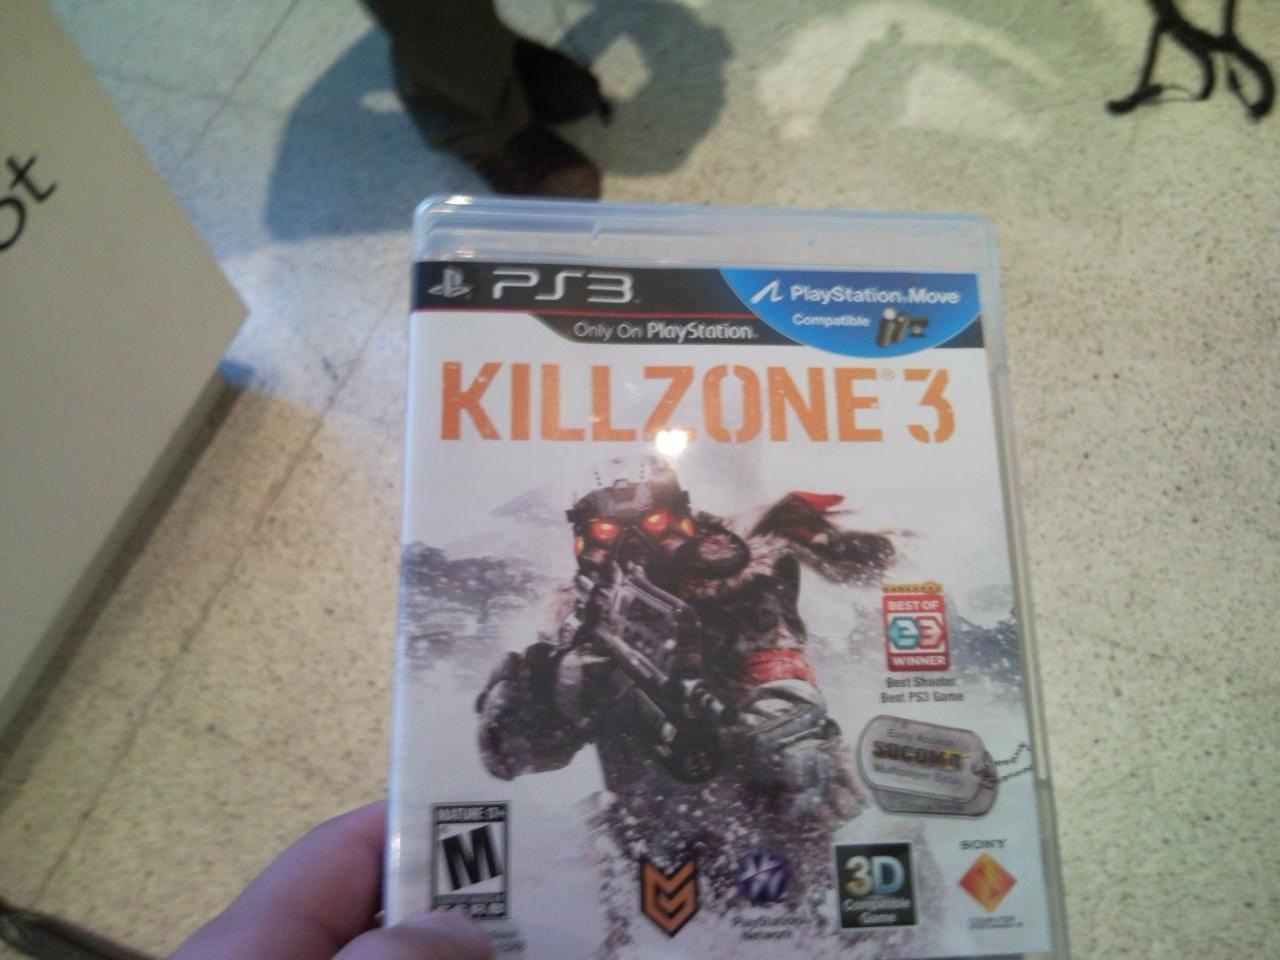 LagZero Entrevista: Hermen Hulst Director de Killzone 3 [PROBAMOS EL JUEGO!]